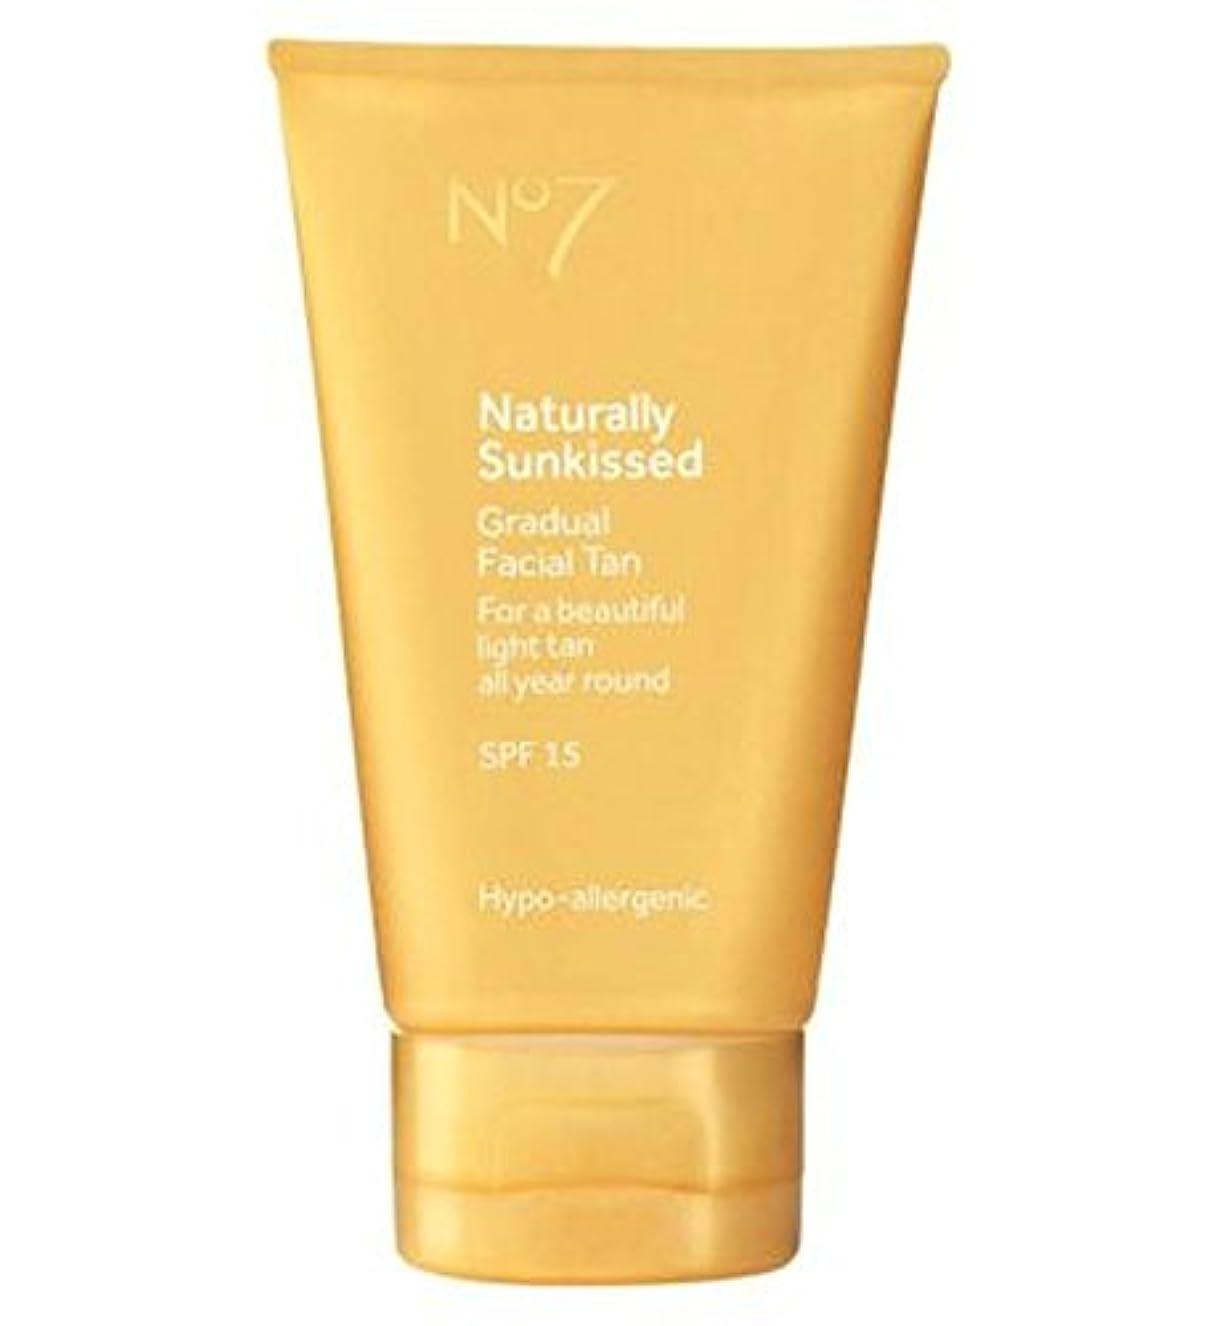 反響する魅力的しょっぱいNo7は自然に太陽が緩やかな顔日焼けSp15にキスをしました (No7) (x2) - No7 Naturally Sun Kissed Gradual Face Tan SP15 (Pack of 2) [並行輸入品]